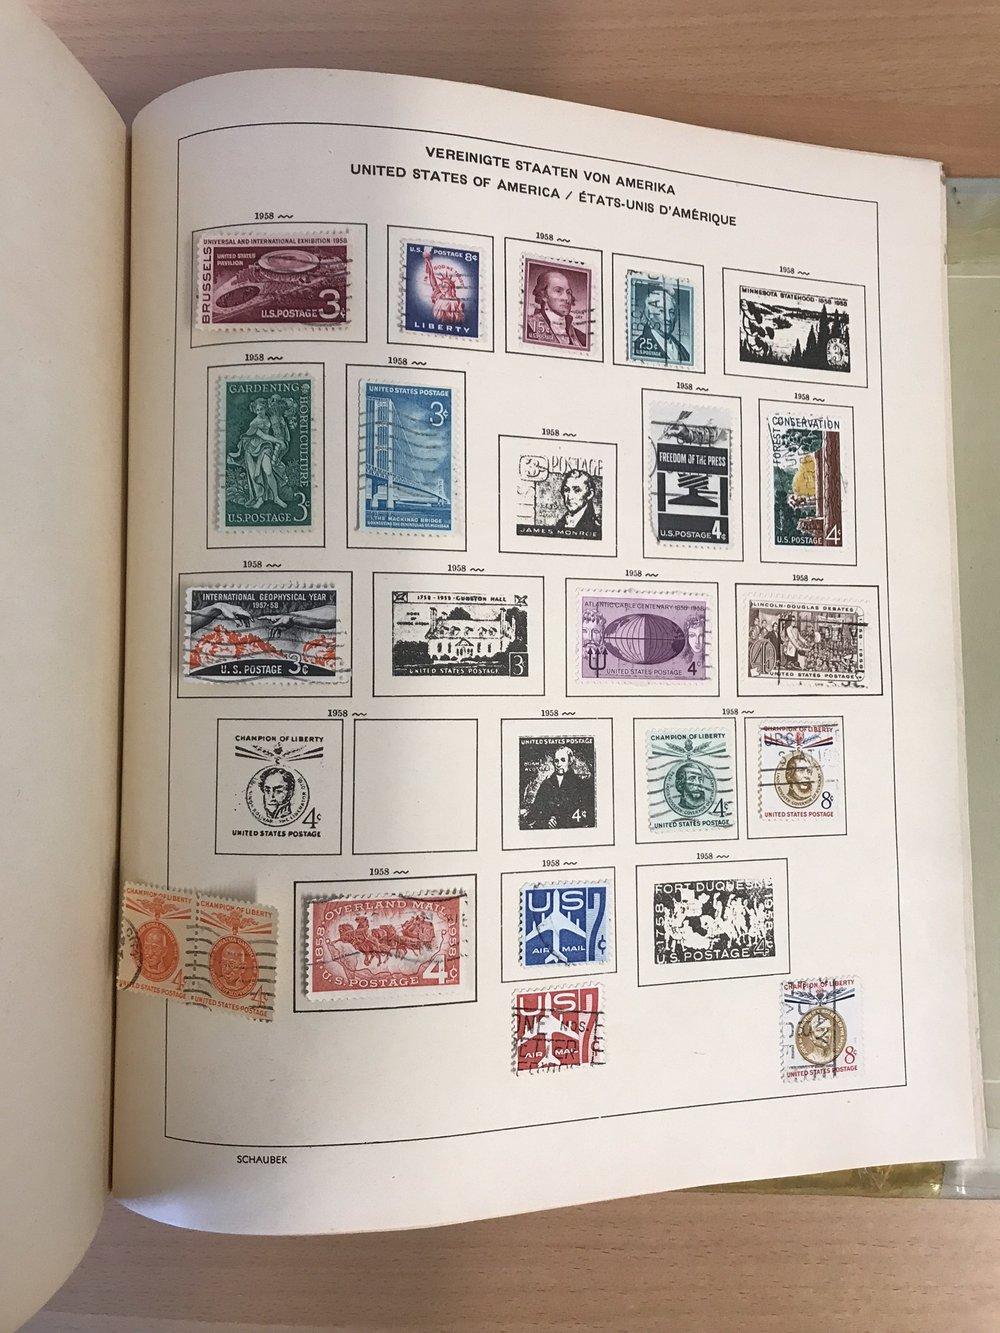 frimerkeauskjon USA.jpeg